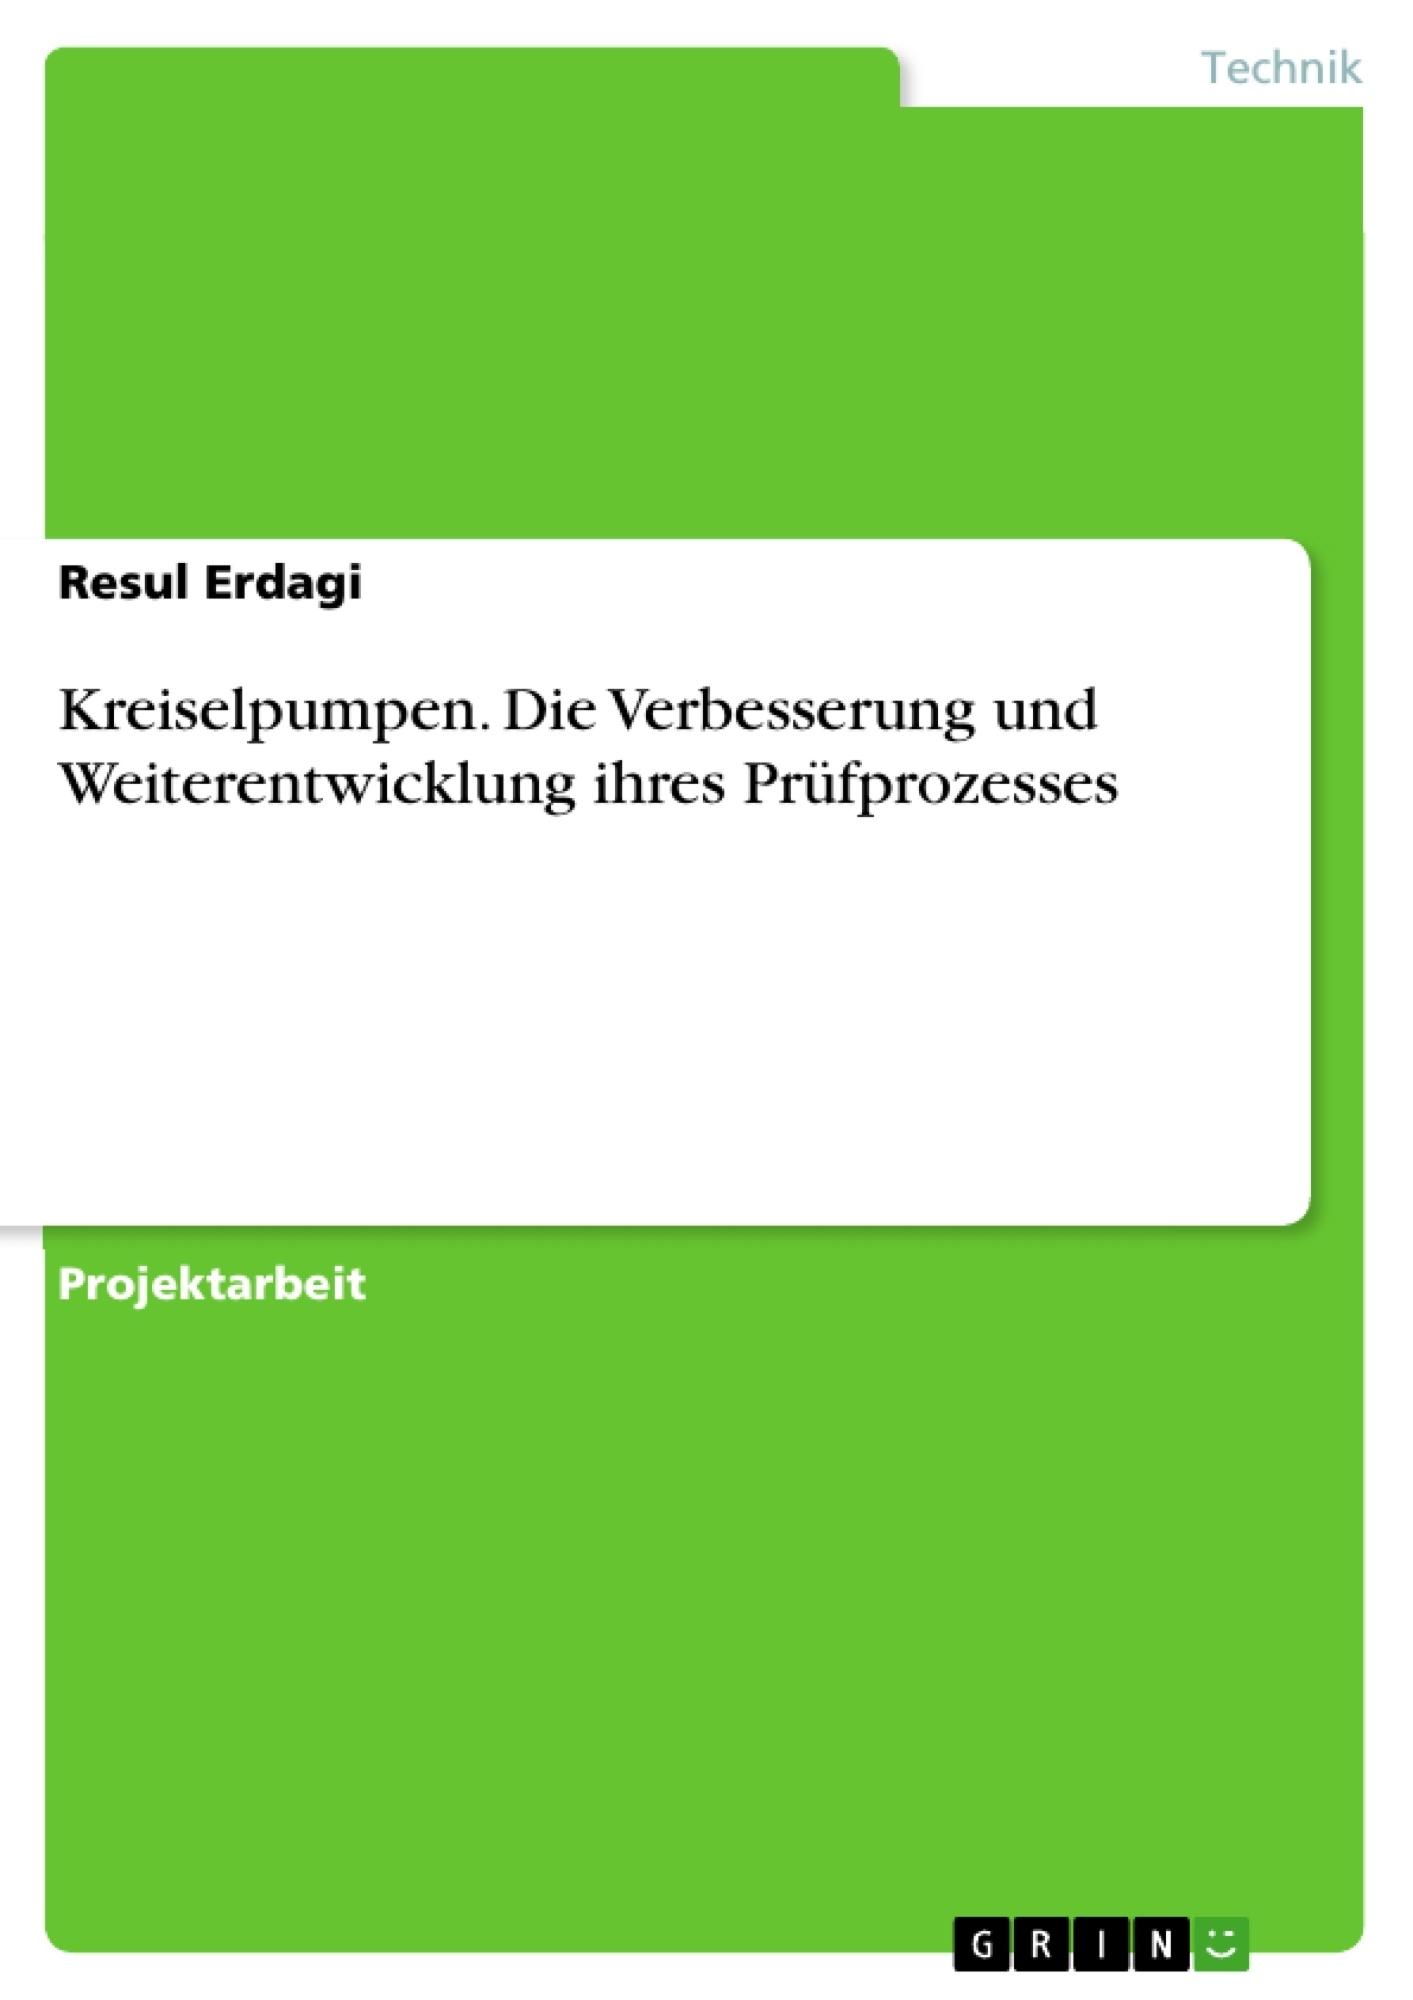 Titel: Kreiselpumpen. Die Verbesserung und Weiterentwicklung  ihres Prüfprozesses